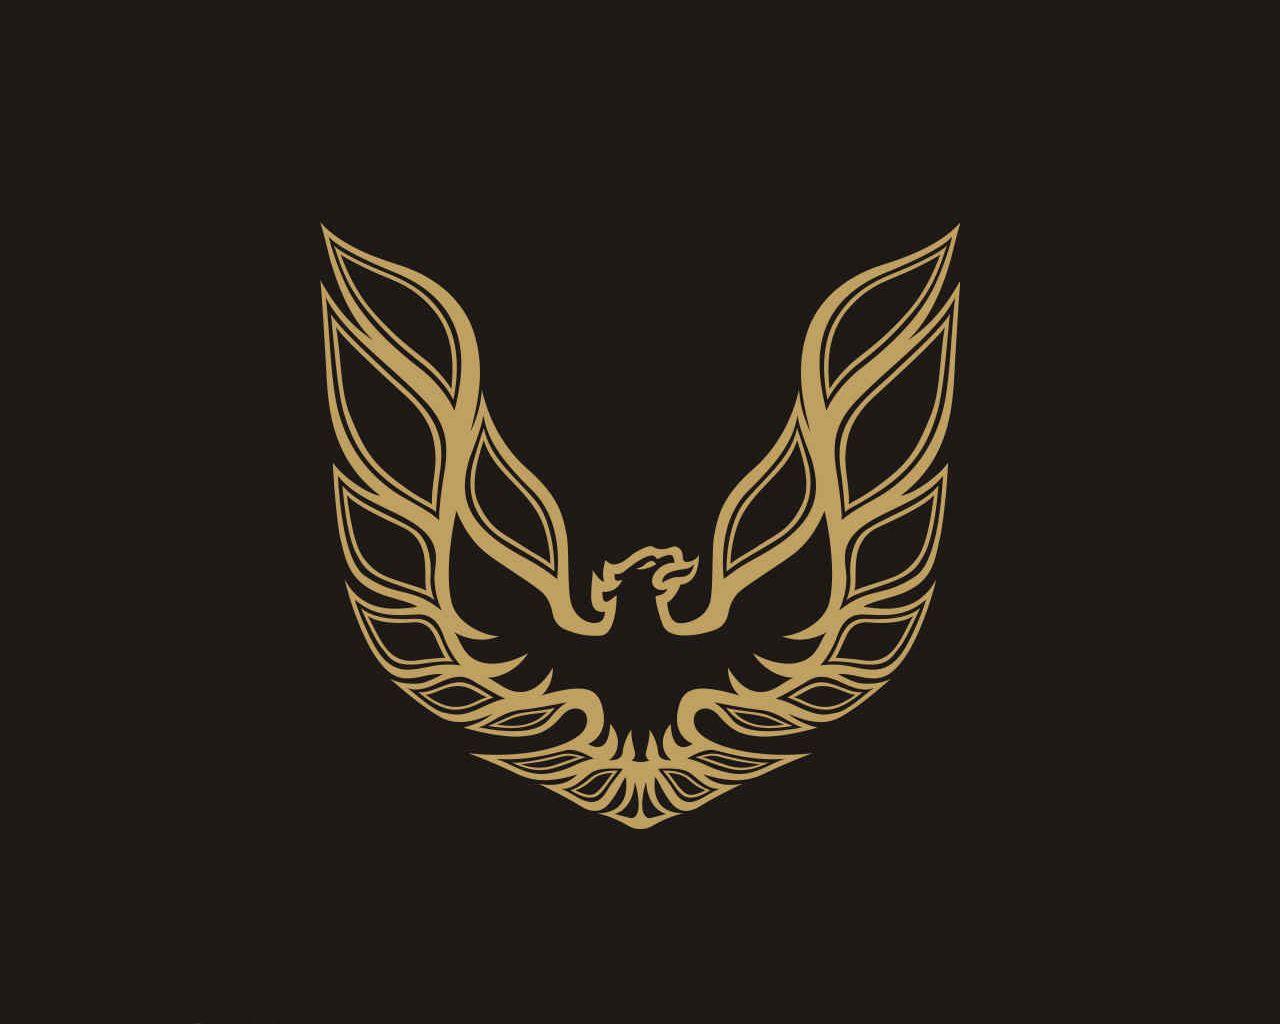 Firebird Trans Am Logo Firebird Trans Am Trans Am Firebird